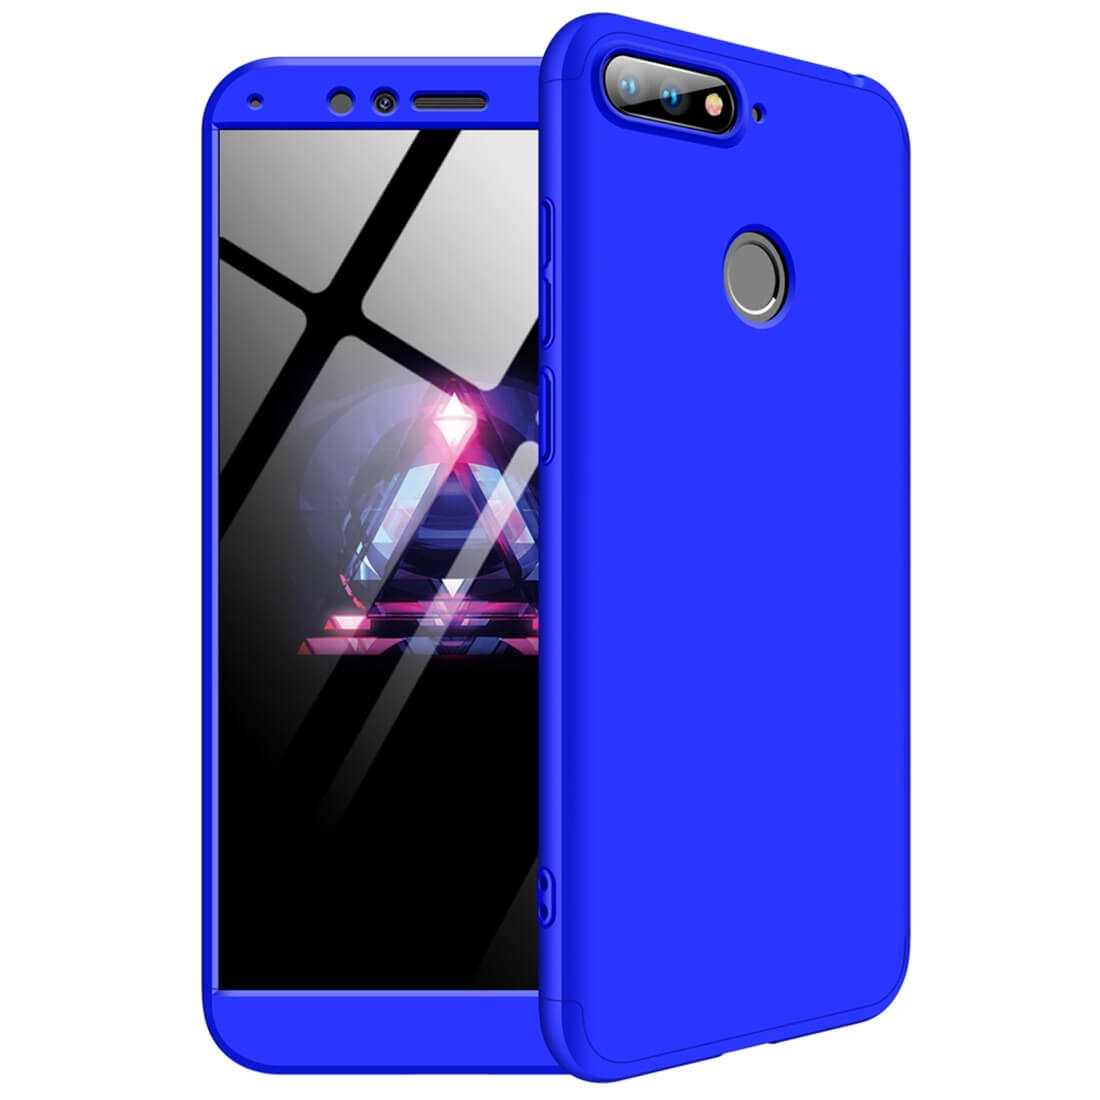 FORCELL 360 ° Ochranný kryt Huawei Y6 Prime 2018 modrý